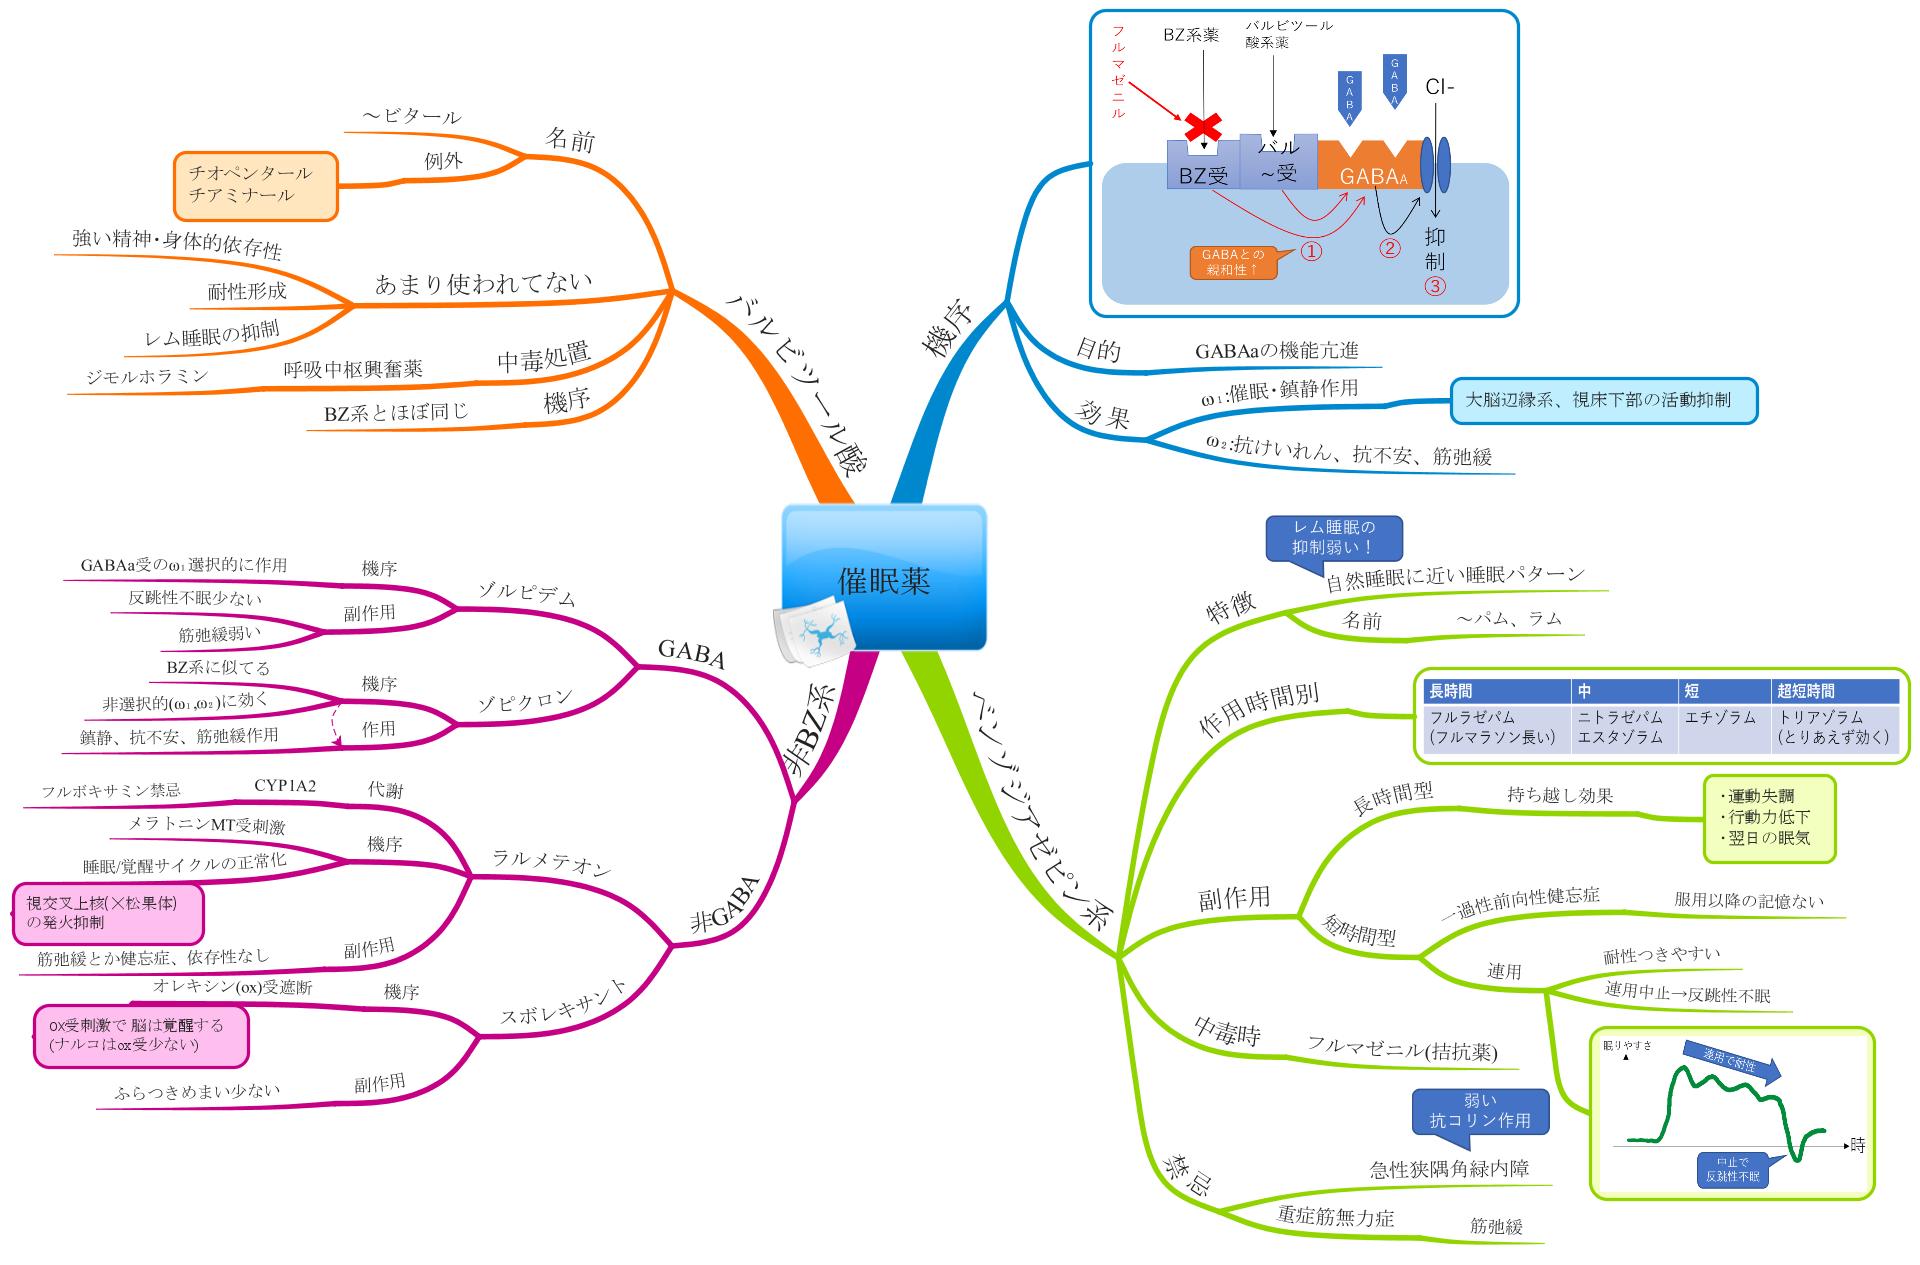 催眠薬のマインドマップ